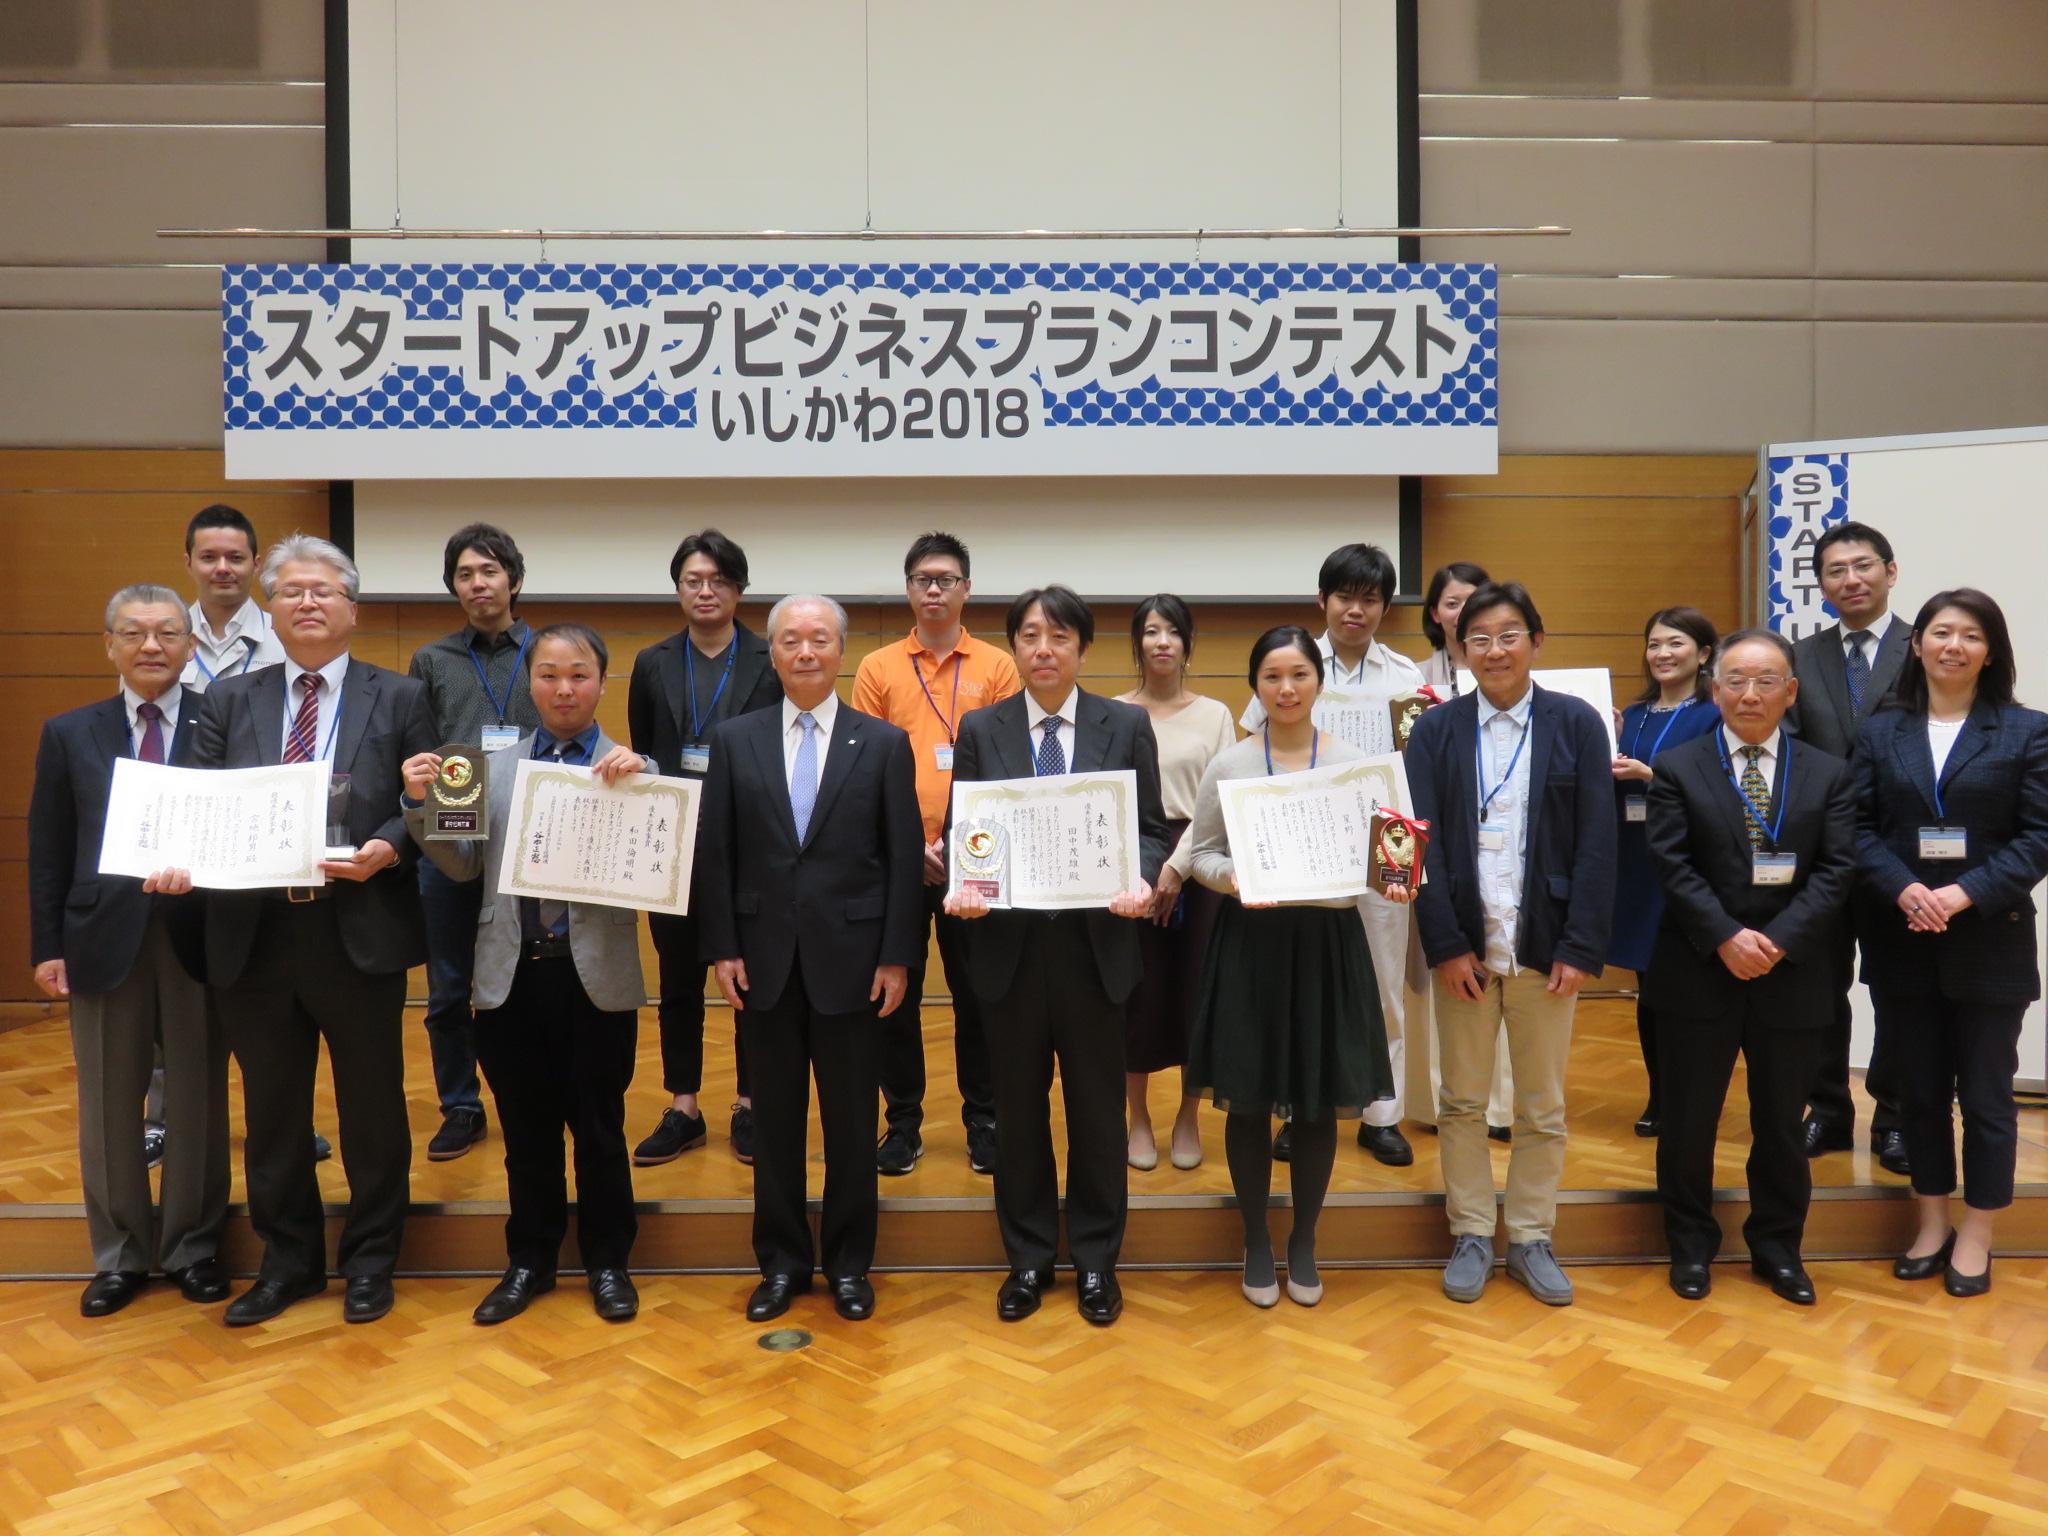 金沢でスタートアップビジネスプランコンテストが開催されました。